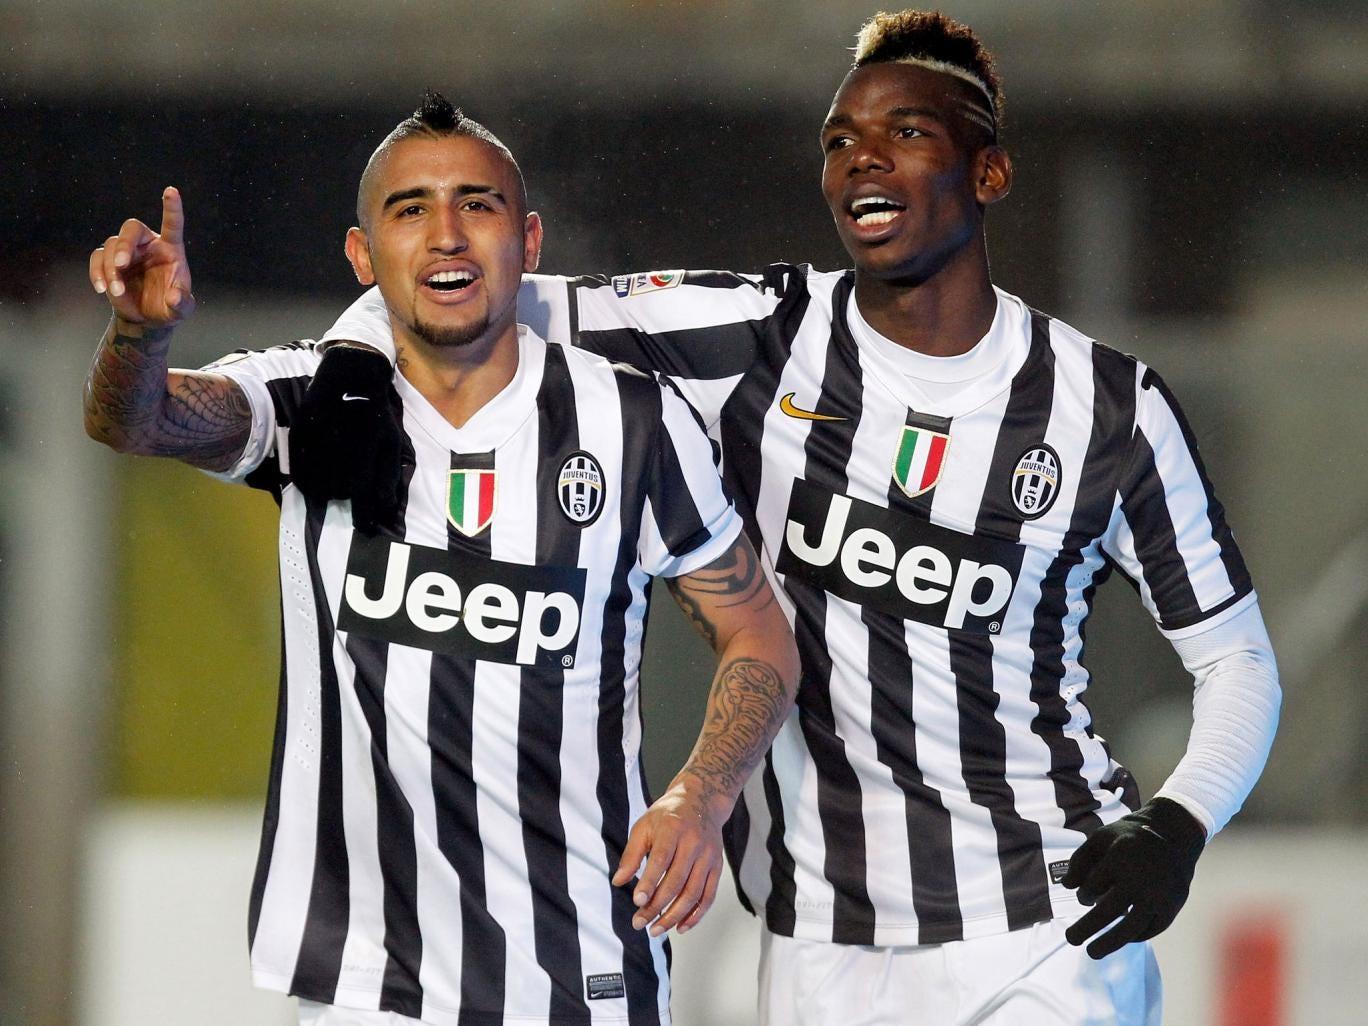 Arturo Vidal (L) and Paul Pogba of Juventus